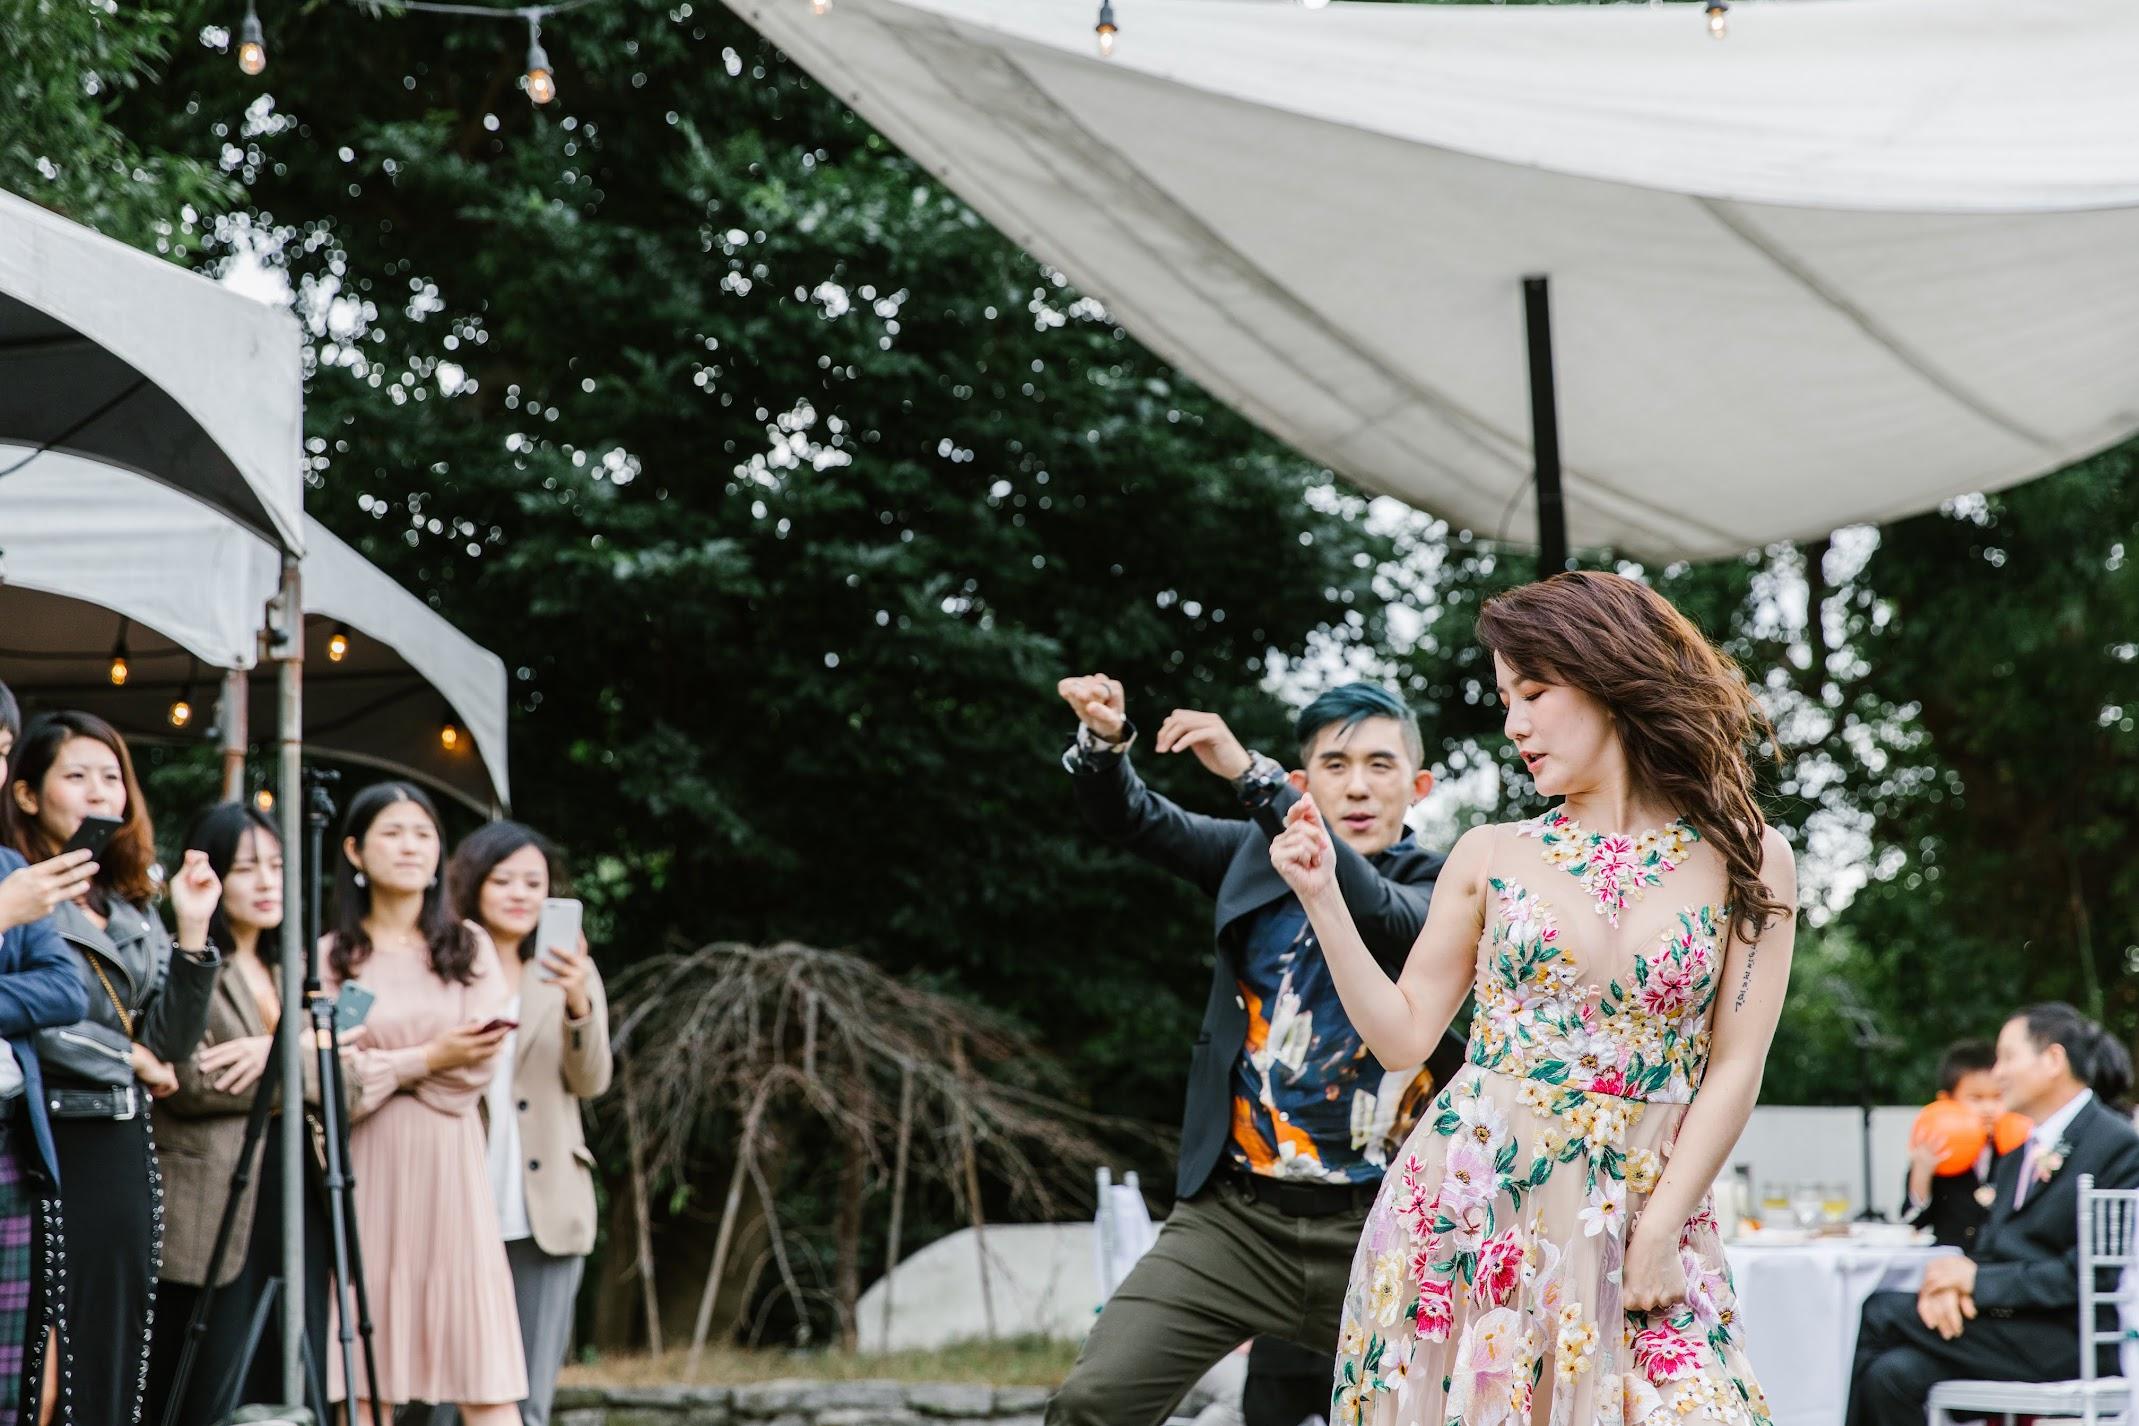 在陽明山的天使分享咖啡屋舉行陽光正好的美式婚禮 , 是每位新娘夢寐以求的西式婚禮樣式!